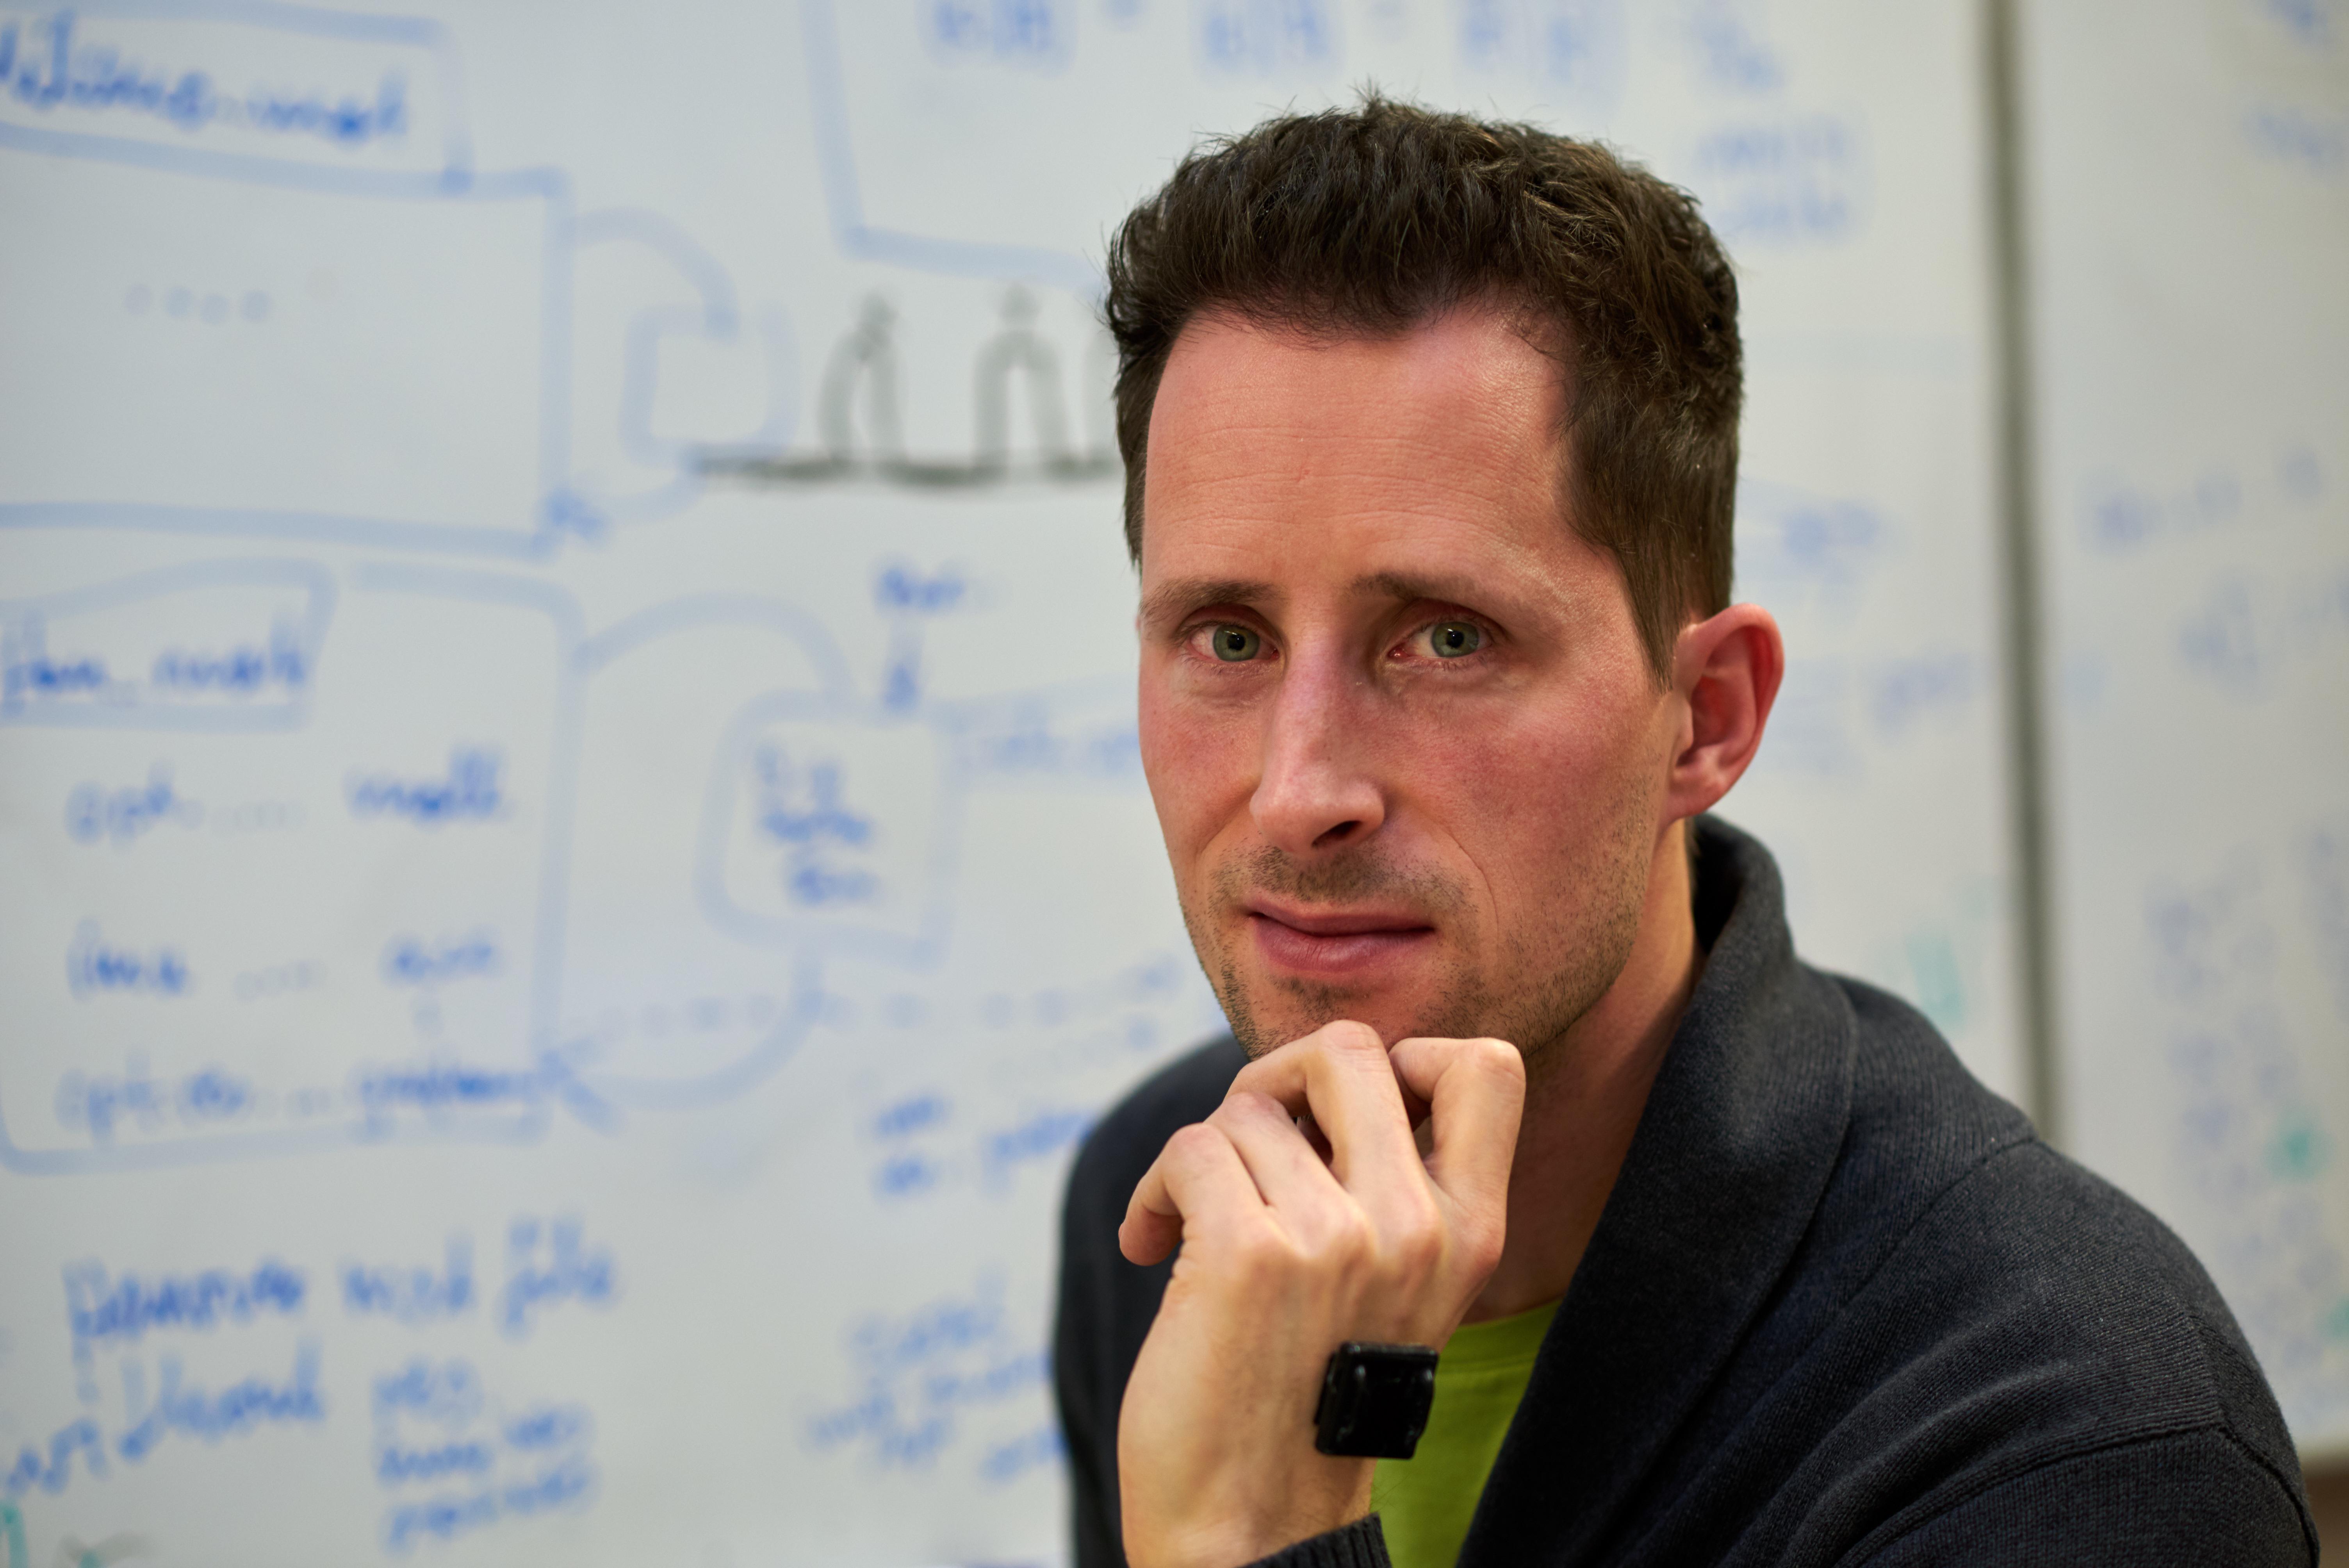 Ein Inertialsensor an der Hand gehört für Thomas Seel zur Berufskleidung.